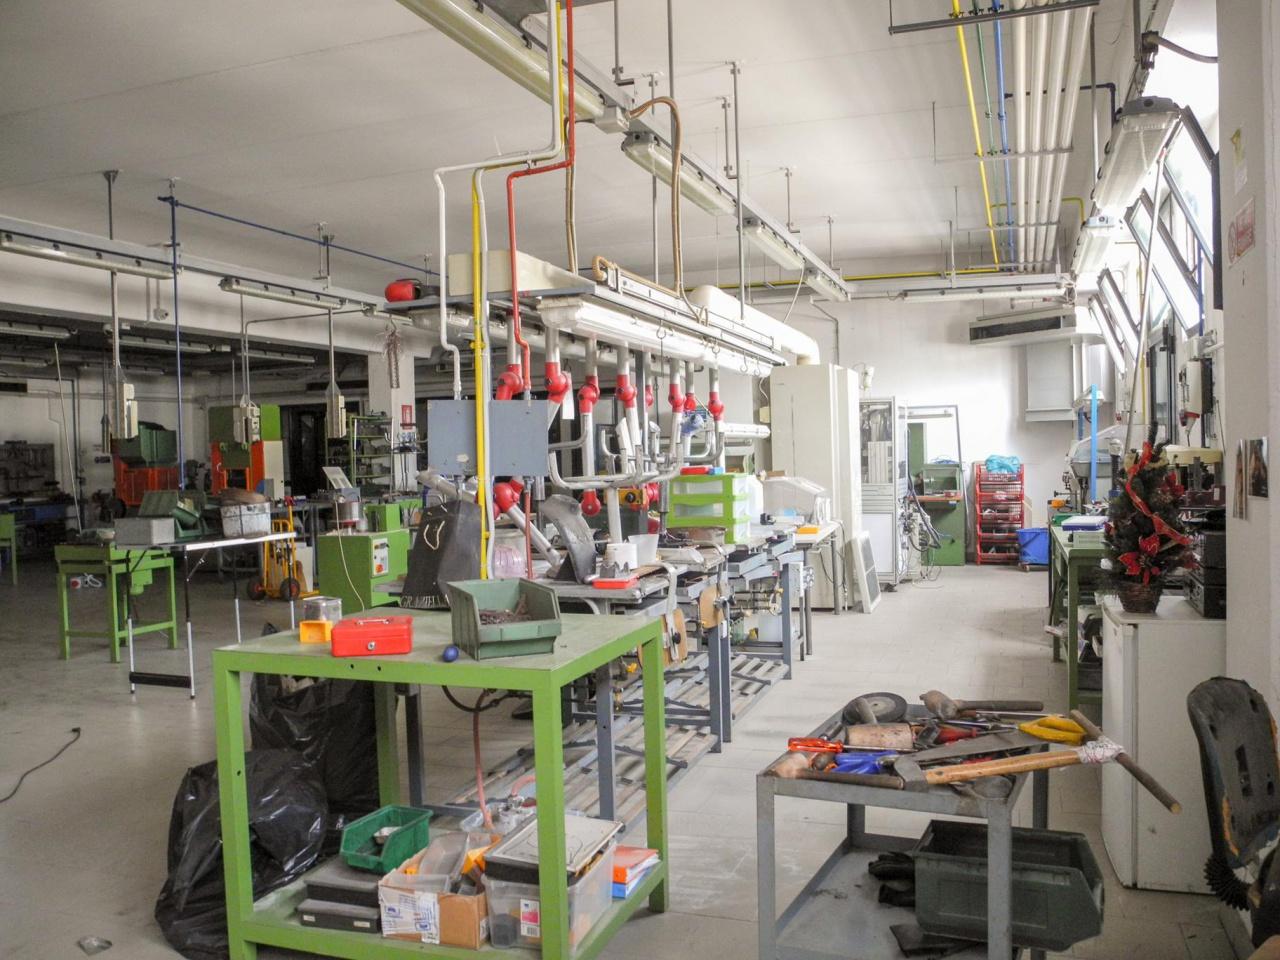 Fondo artigianale in vendita a Arezzo (AR)